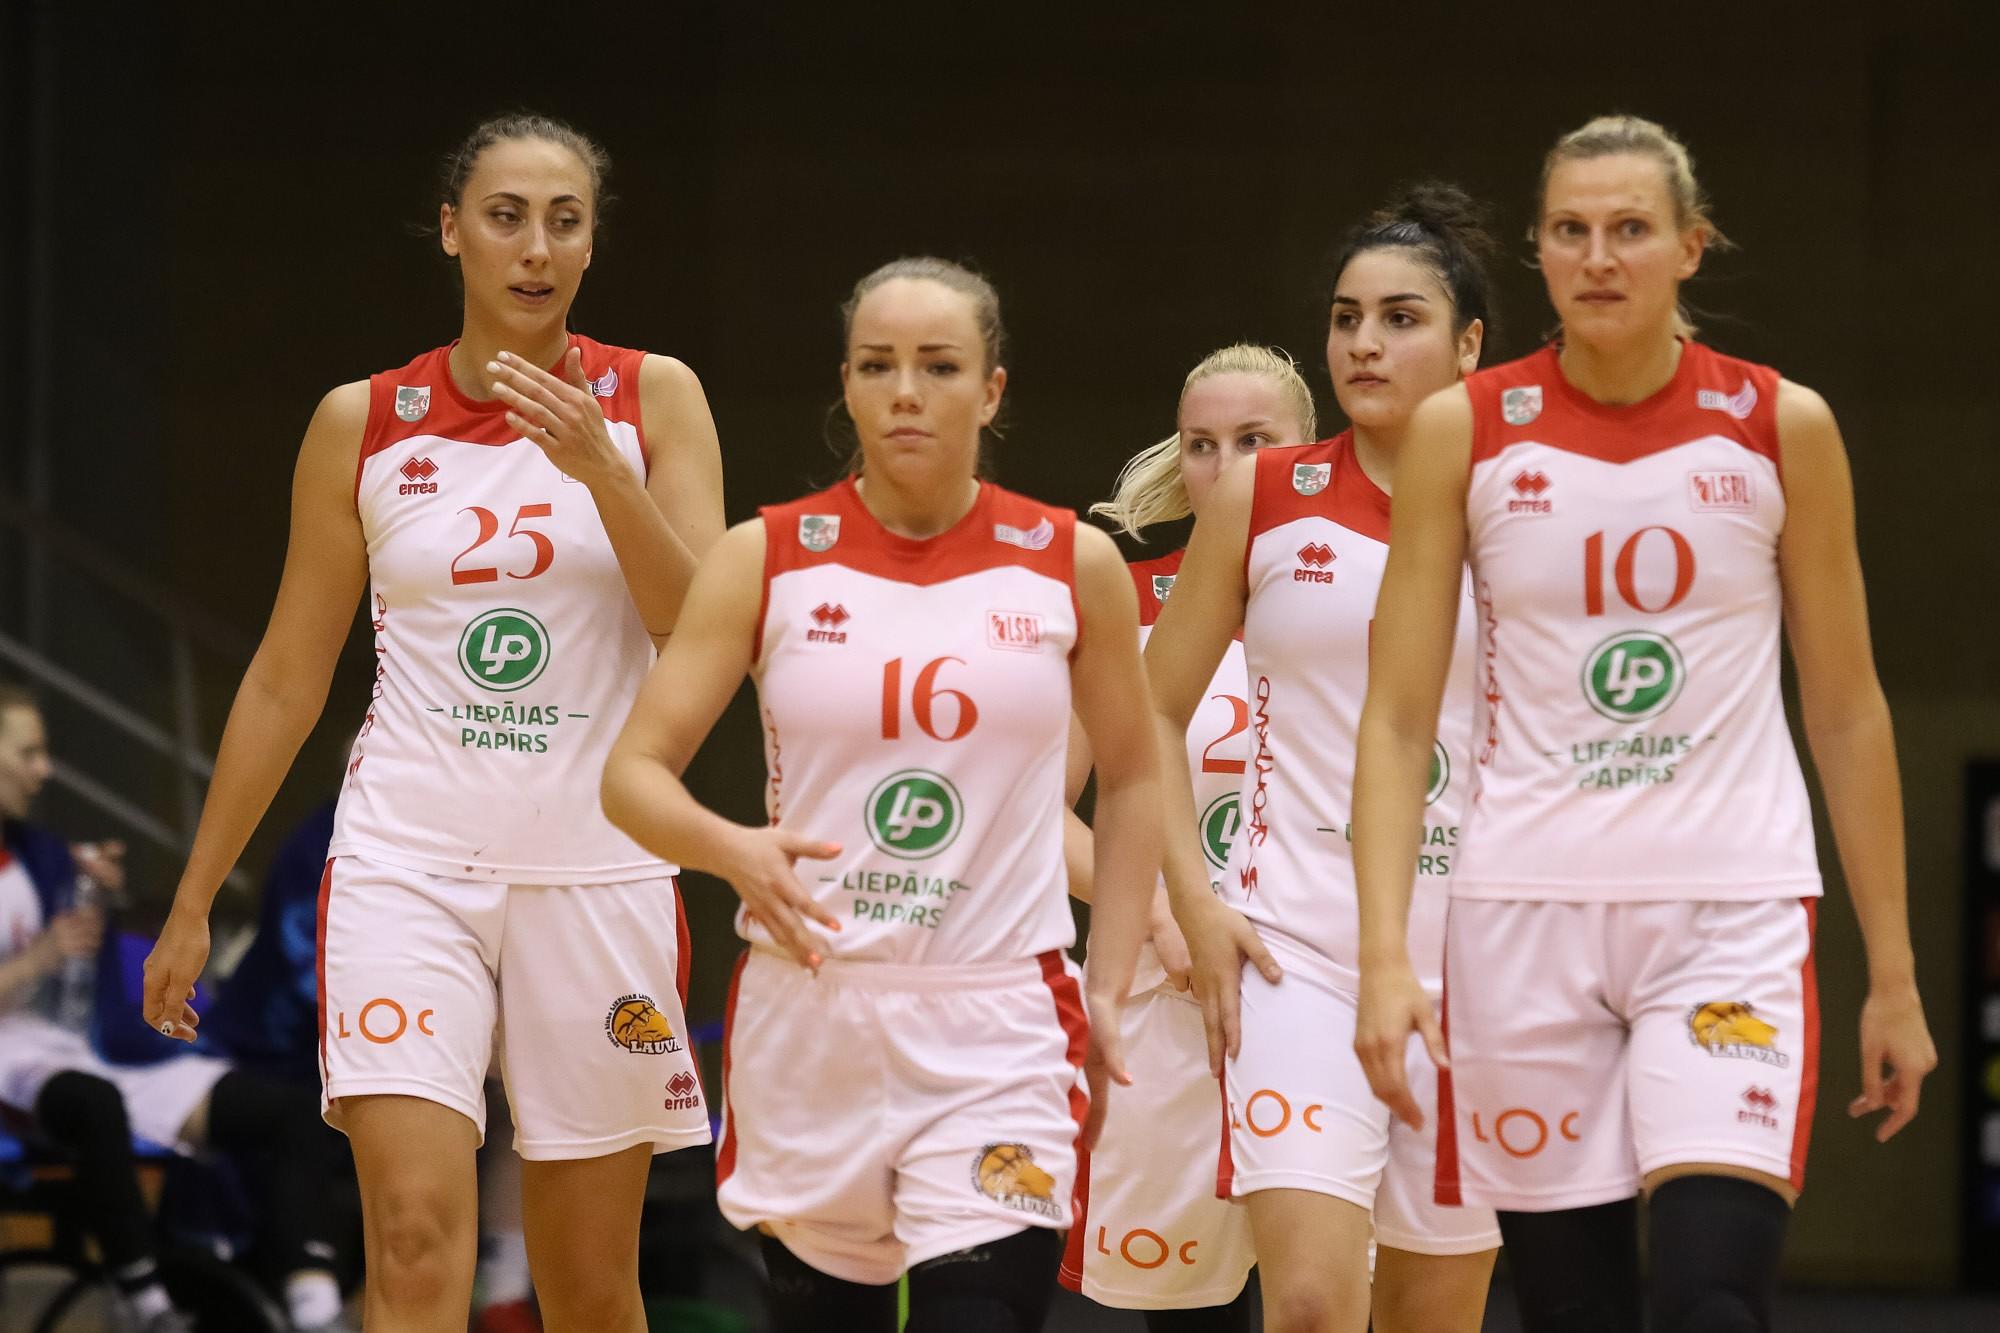 «Лиепаяс папирс» впервые достиг финала Лиги Латвии-Эстонии